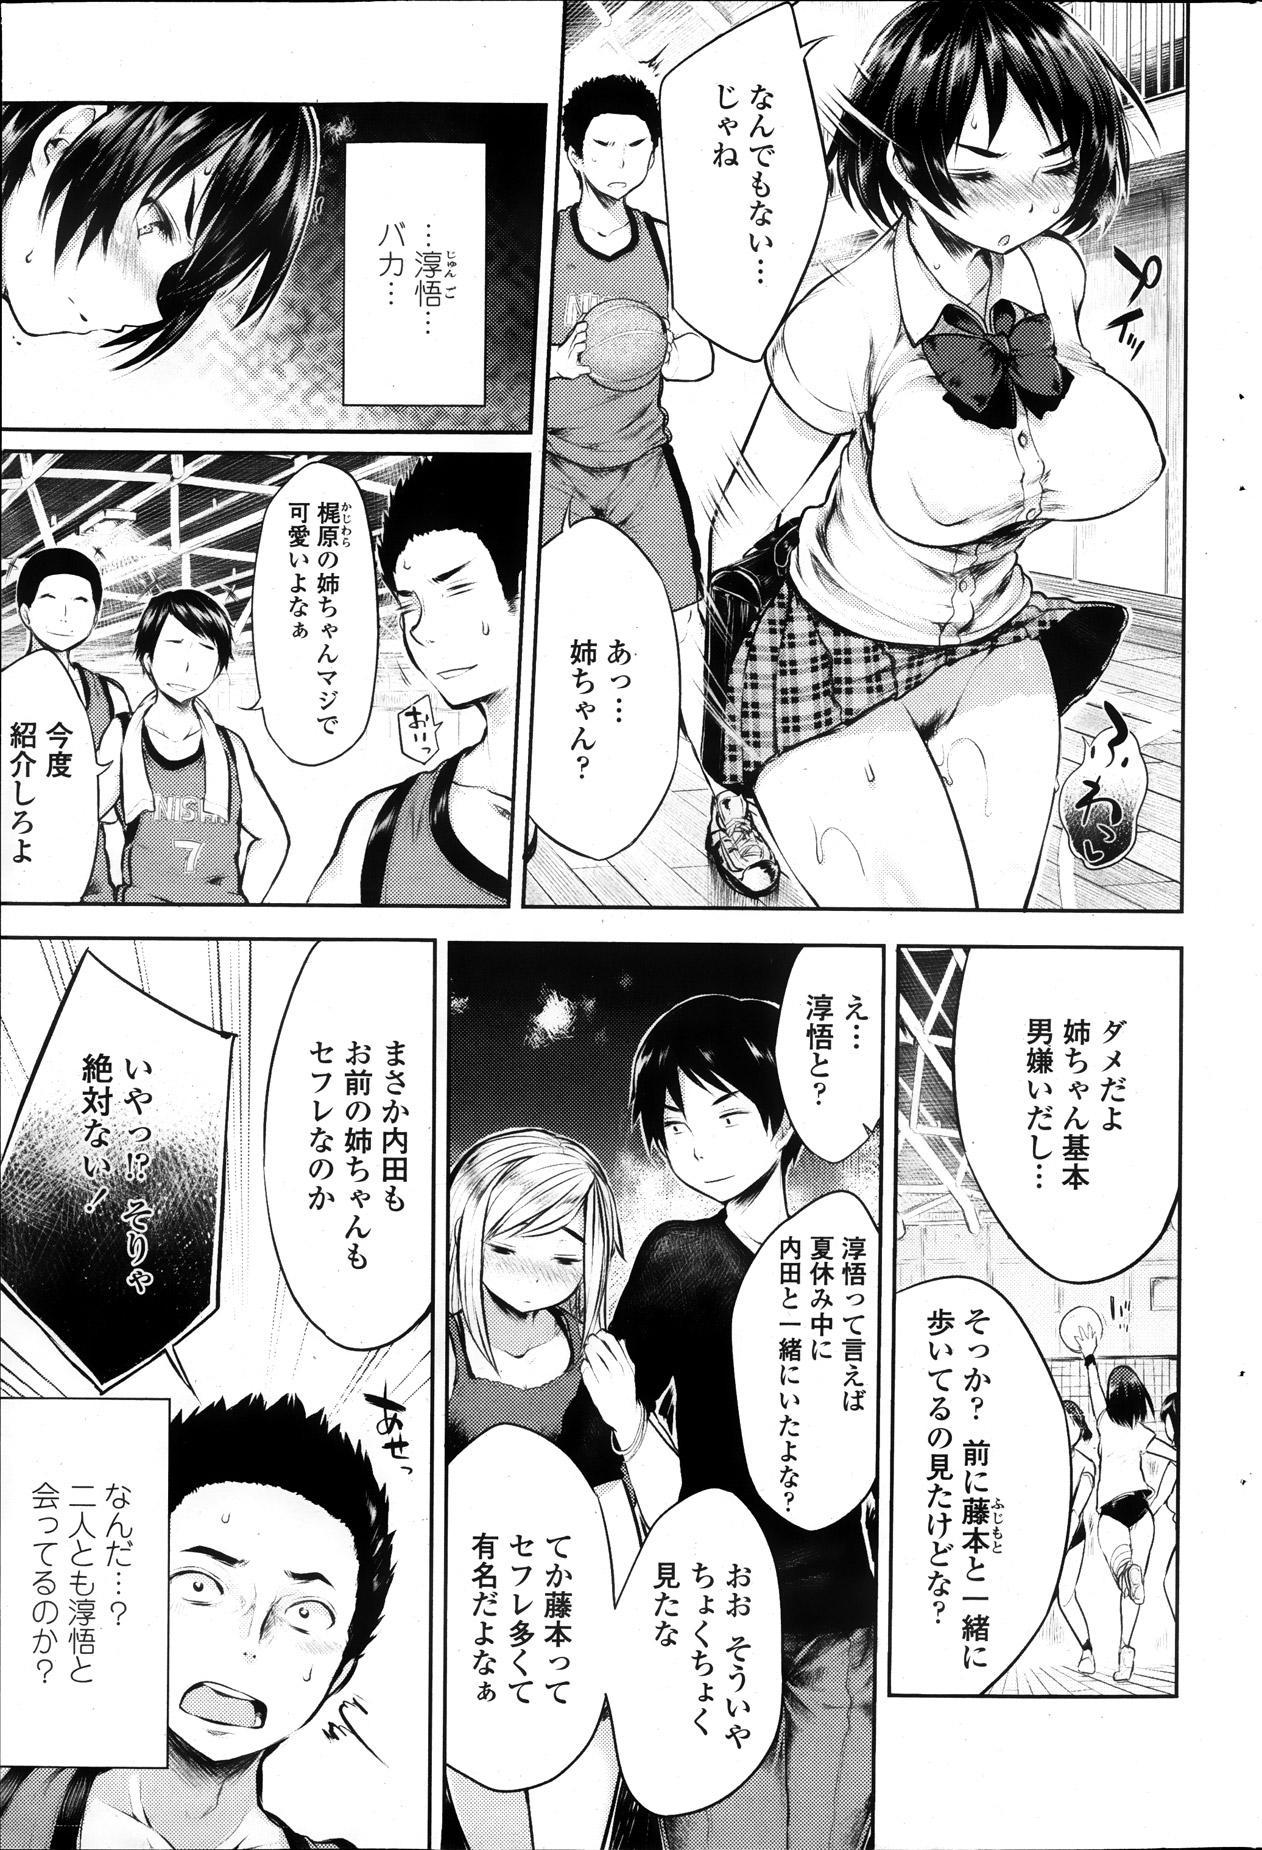 Osananjimi to Musubareru no ga Tadashii to wa Kagiranai Ch.01-02 22